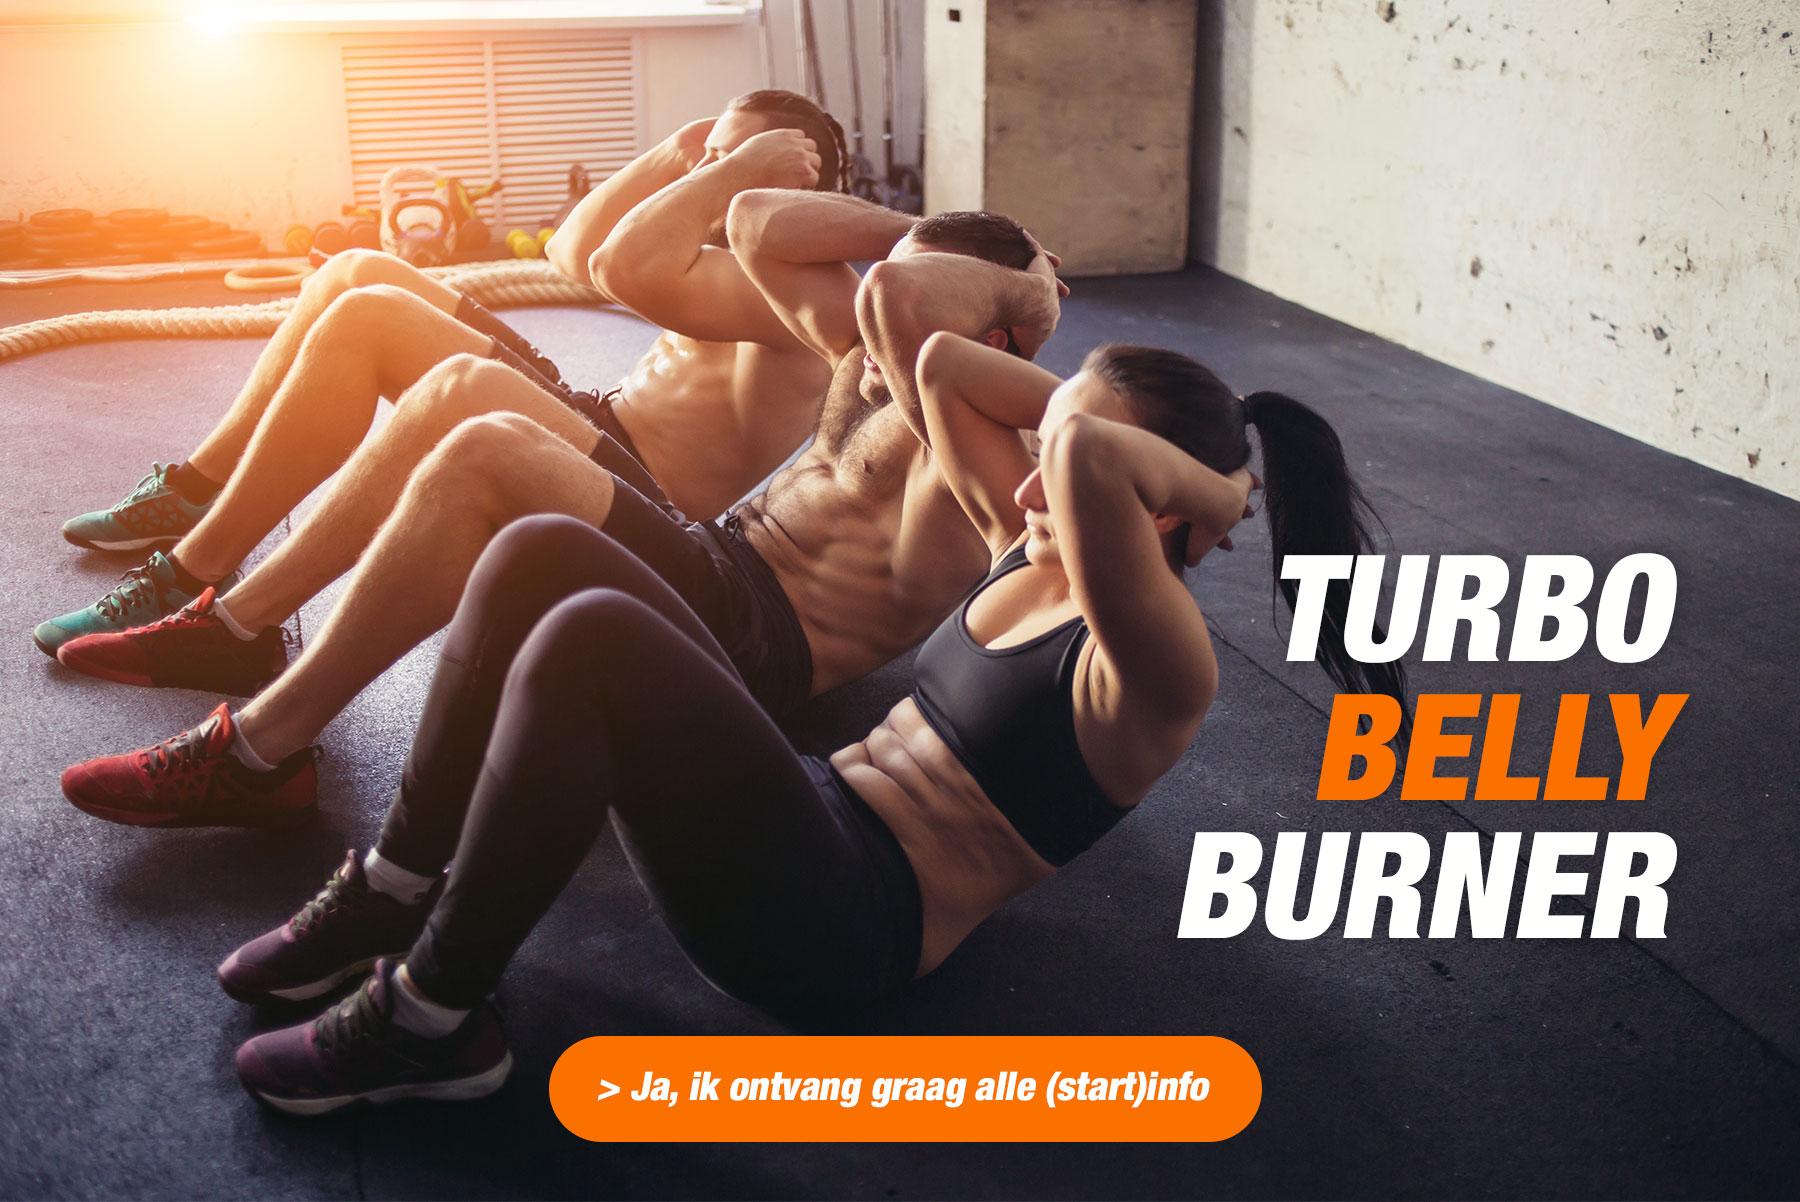 Nieuw voor Vrouwen: Turbo Belly Burner